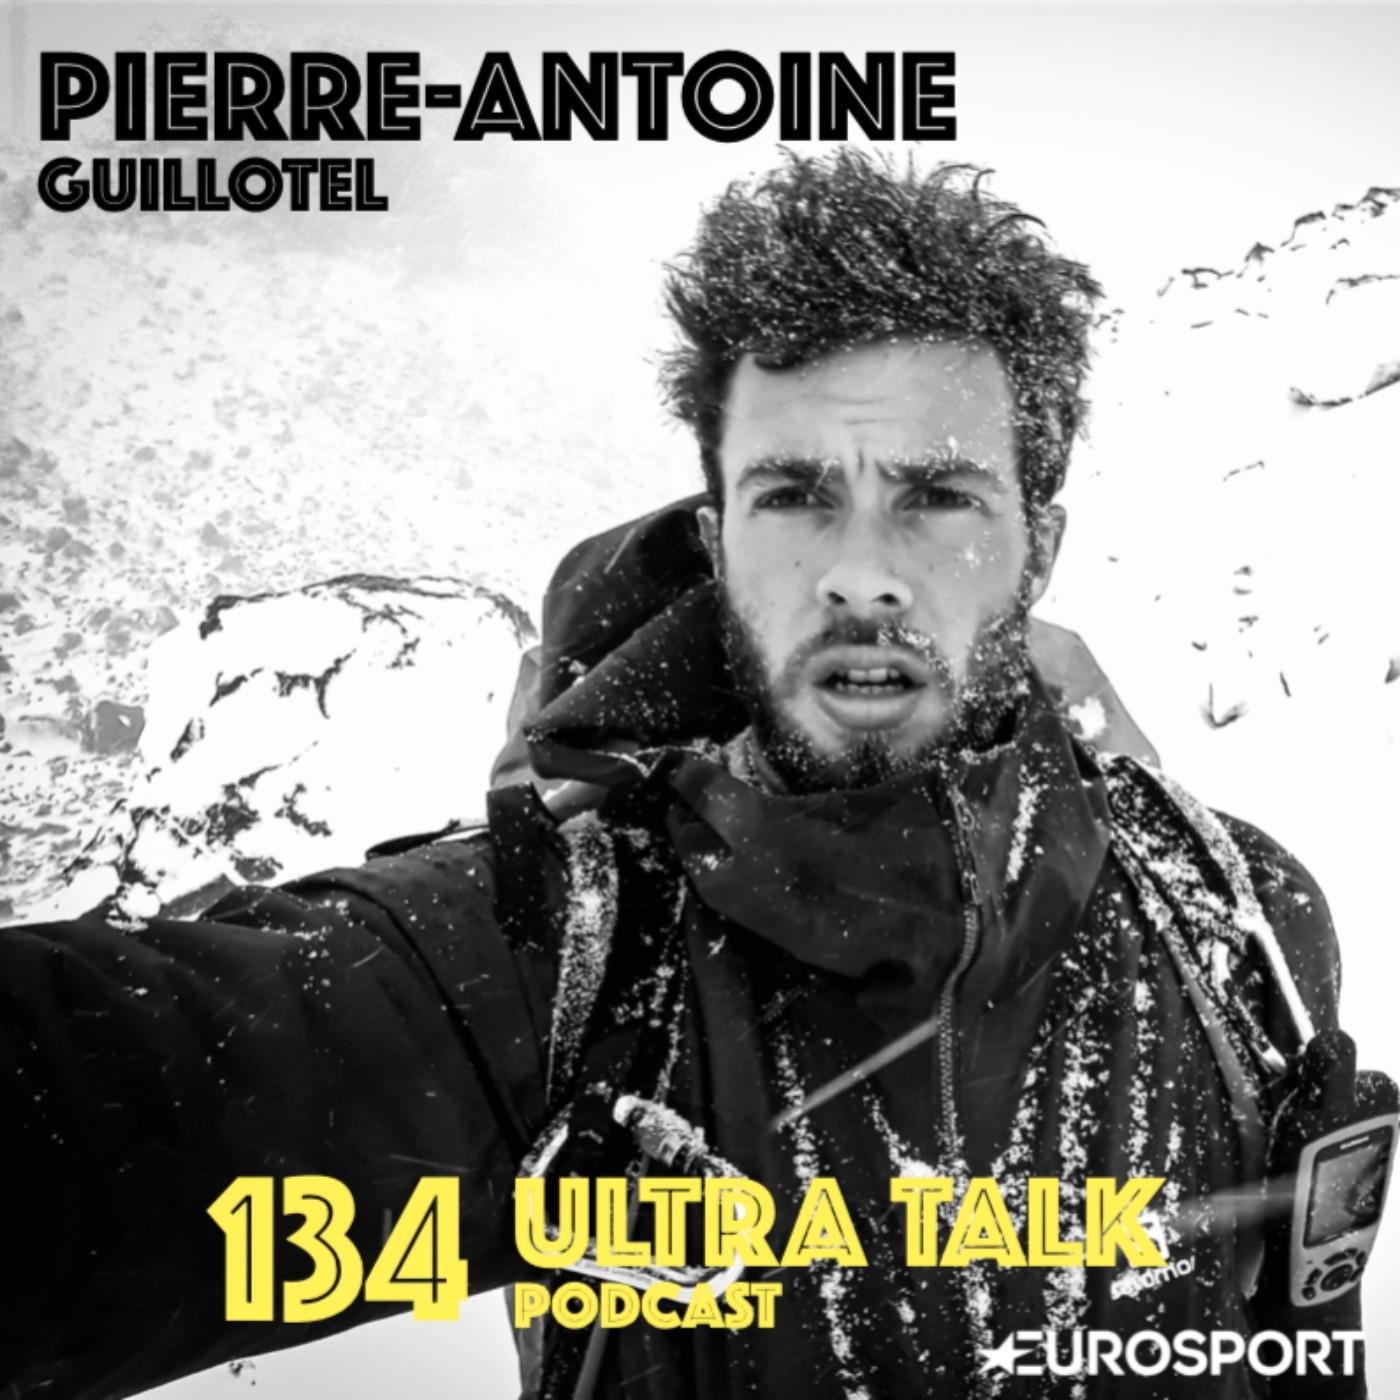 """Pierre-Antoine Guillotel : """"Après des milliers de kilomètres à pied, on a l'impression d'appartenir au cosmos"""""""